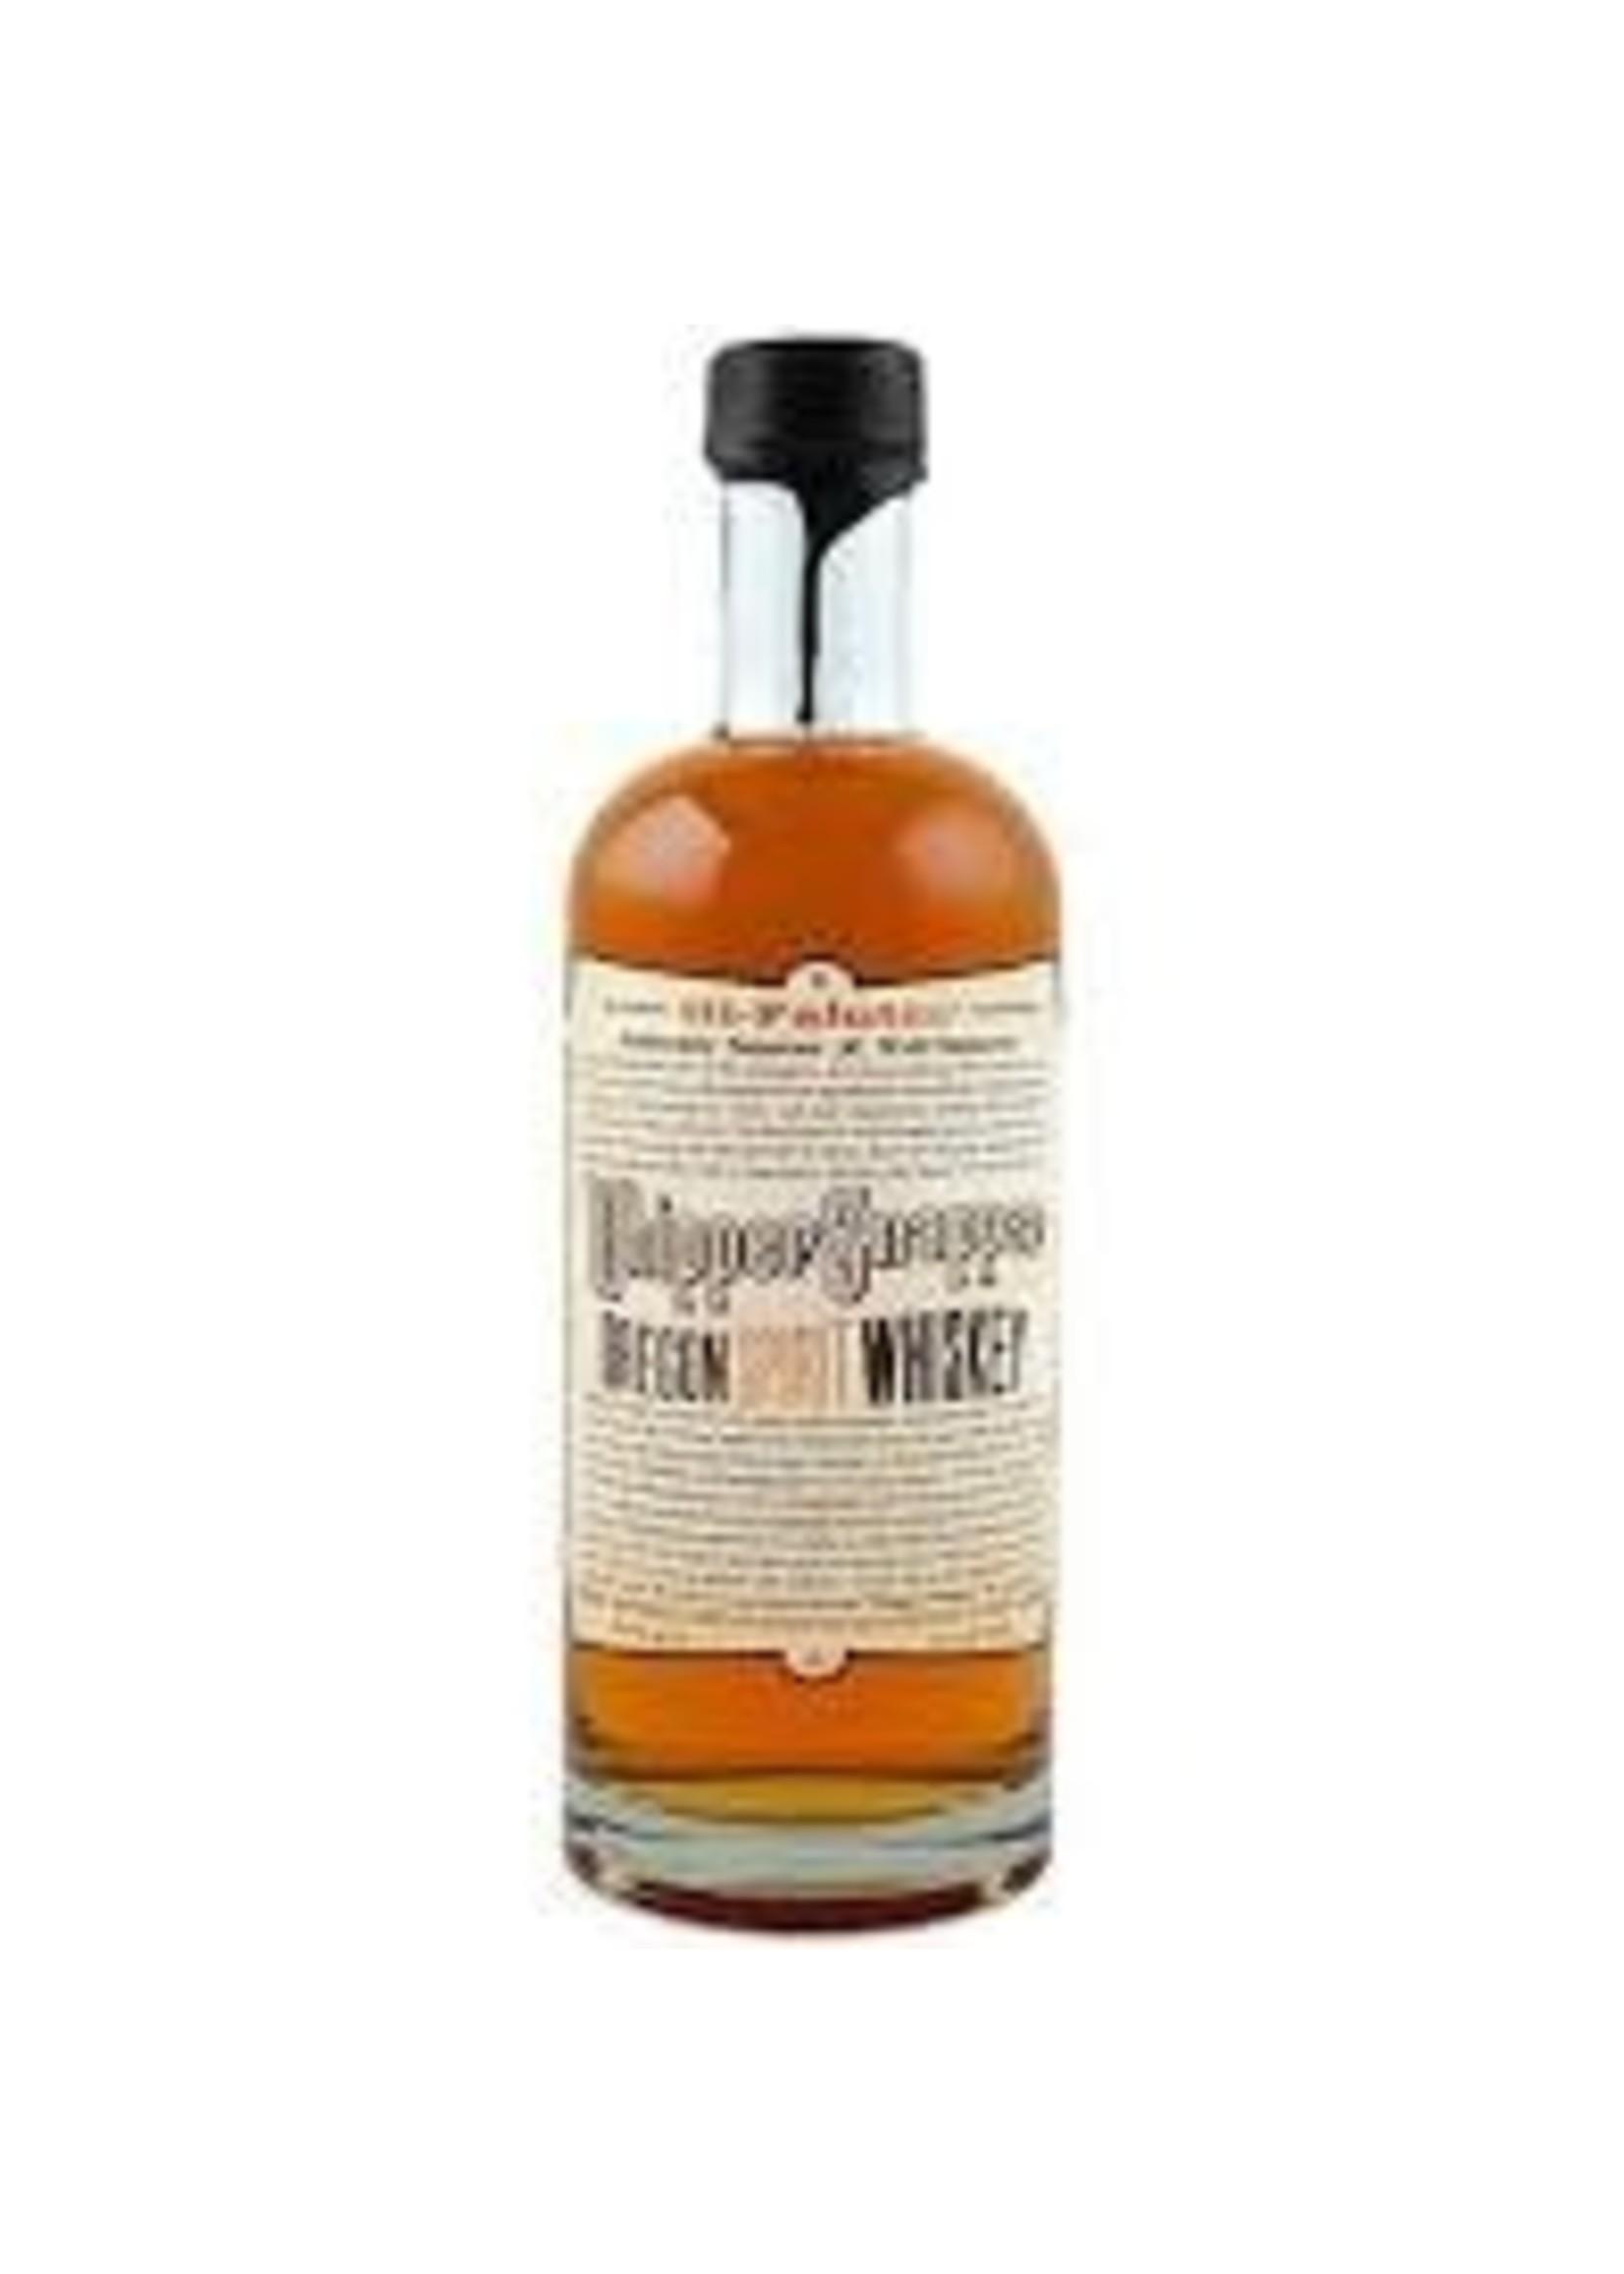 Ransom 'Whipper Snapper' Whiskey 750ml